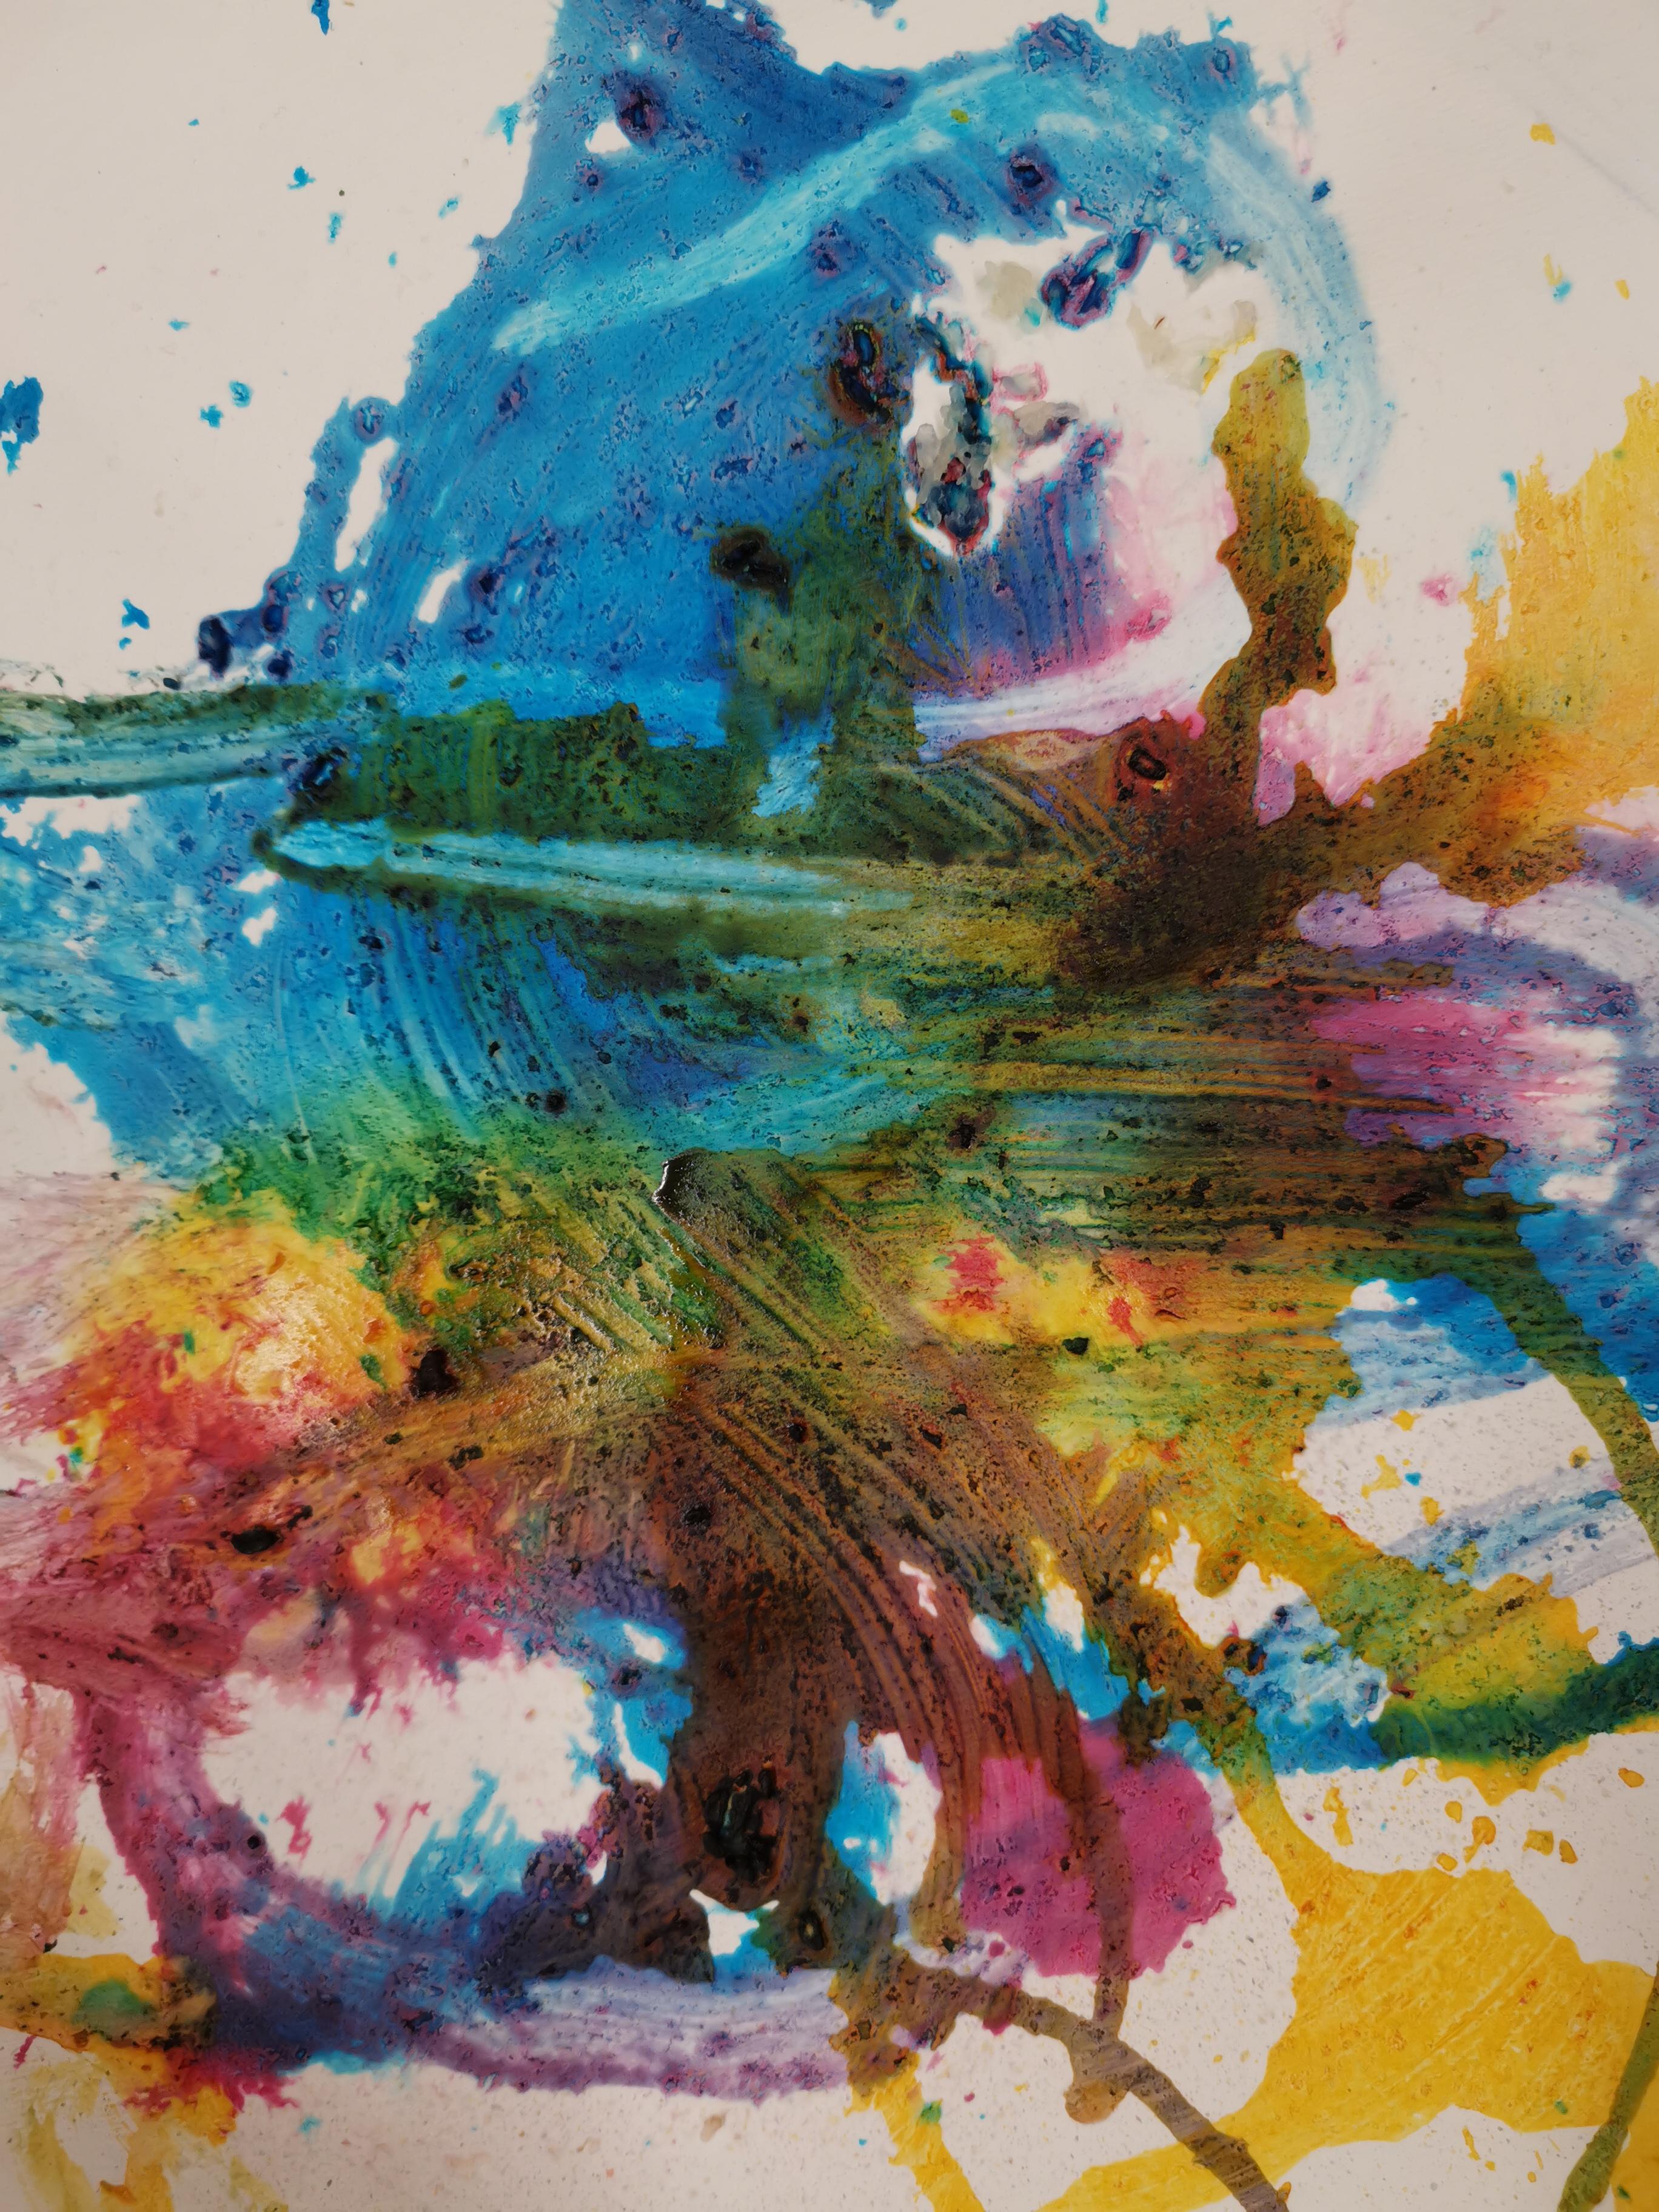 Isänpäivän luova maalaustyöpaja   Porin taidemuseo